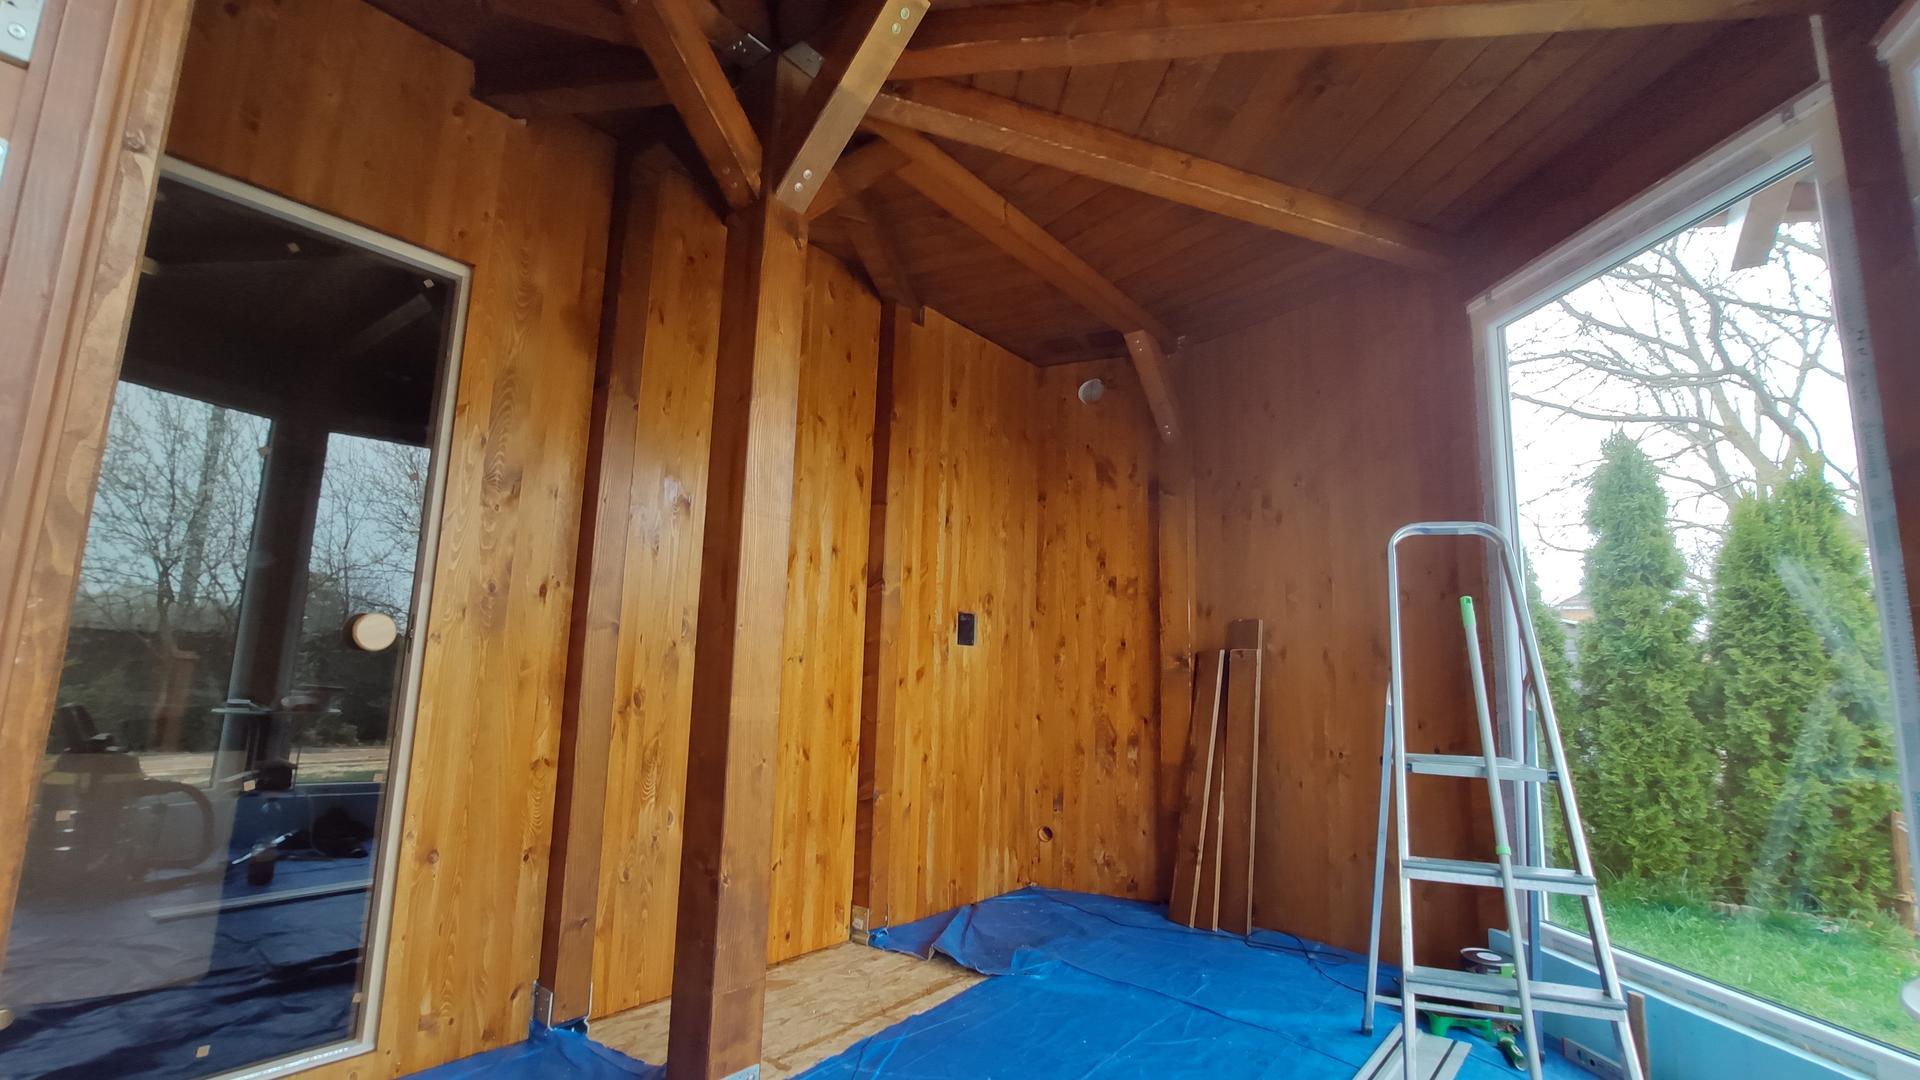 Relaxačný domček sauna a oddychová miestnosť ... plány, príprava a realizácia - Obrázok č. 101